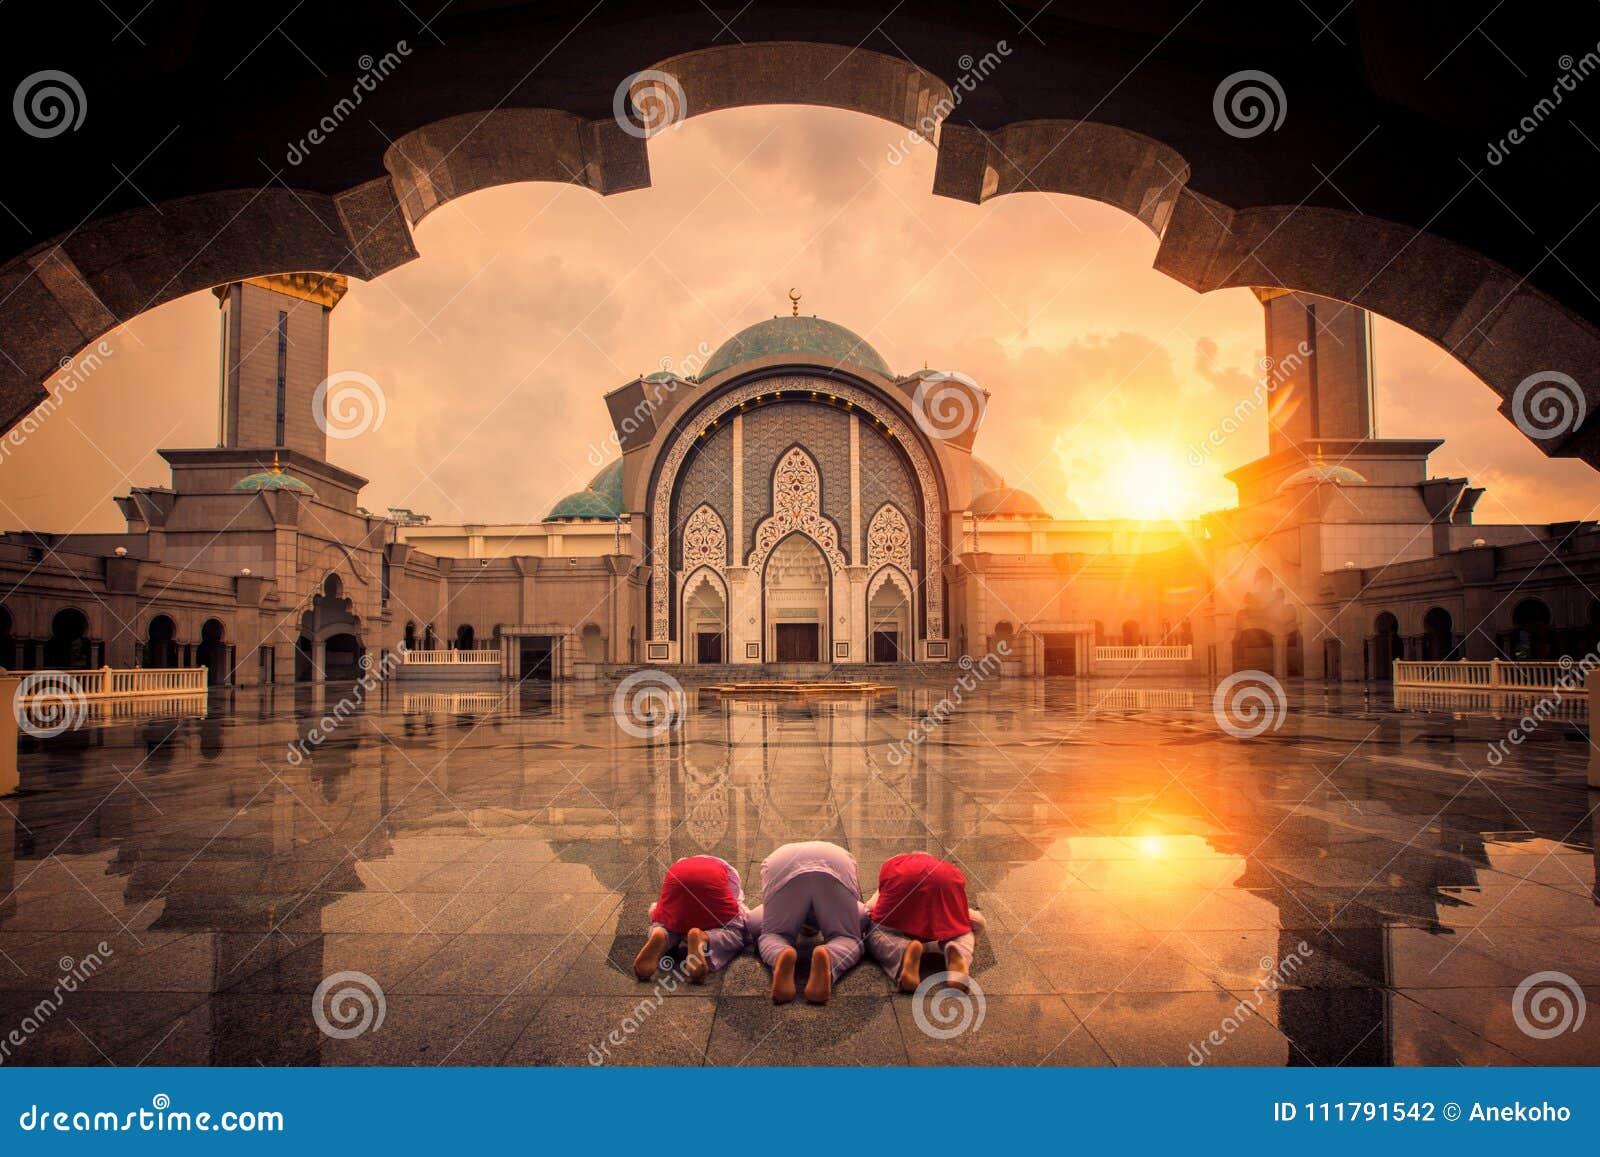 Moslems chilgren Sünde und beten in der Moschee